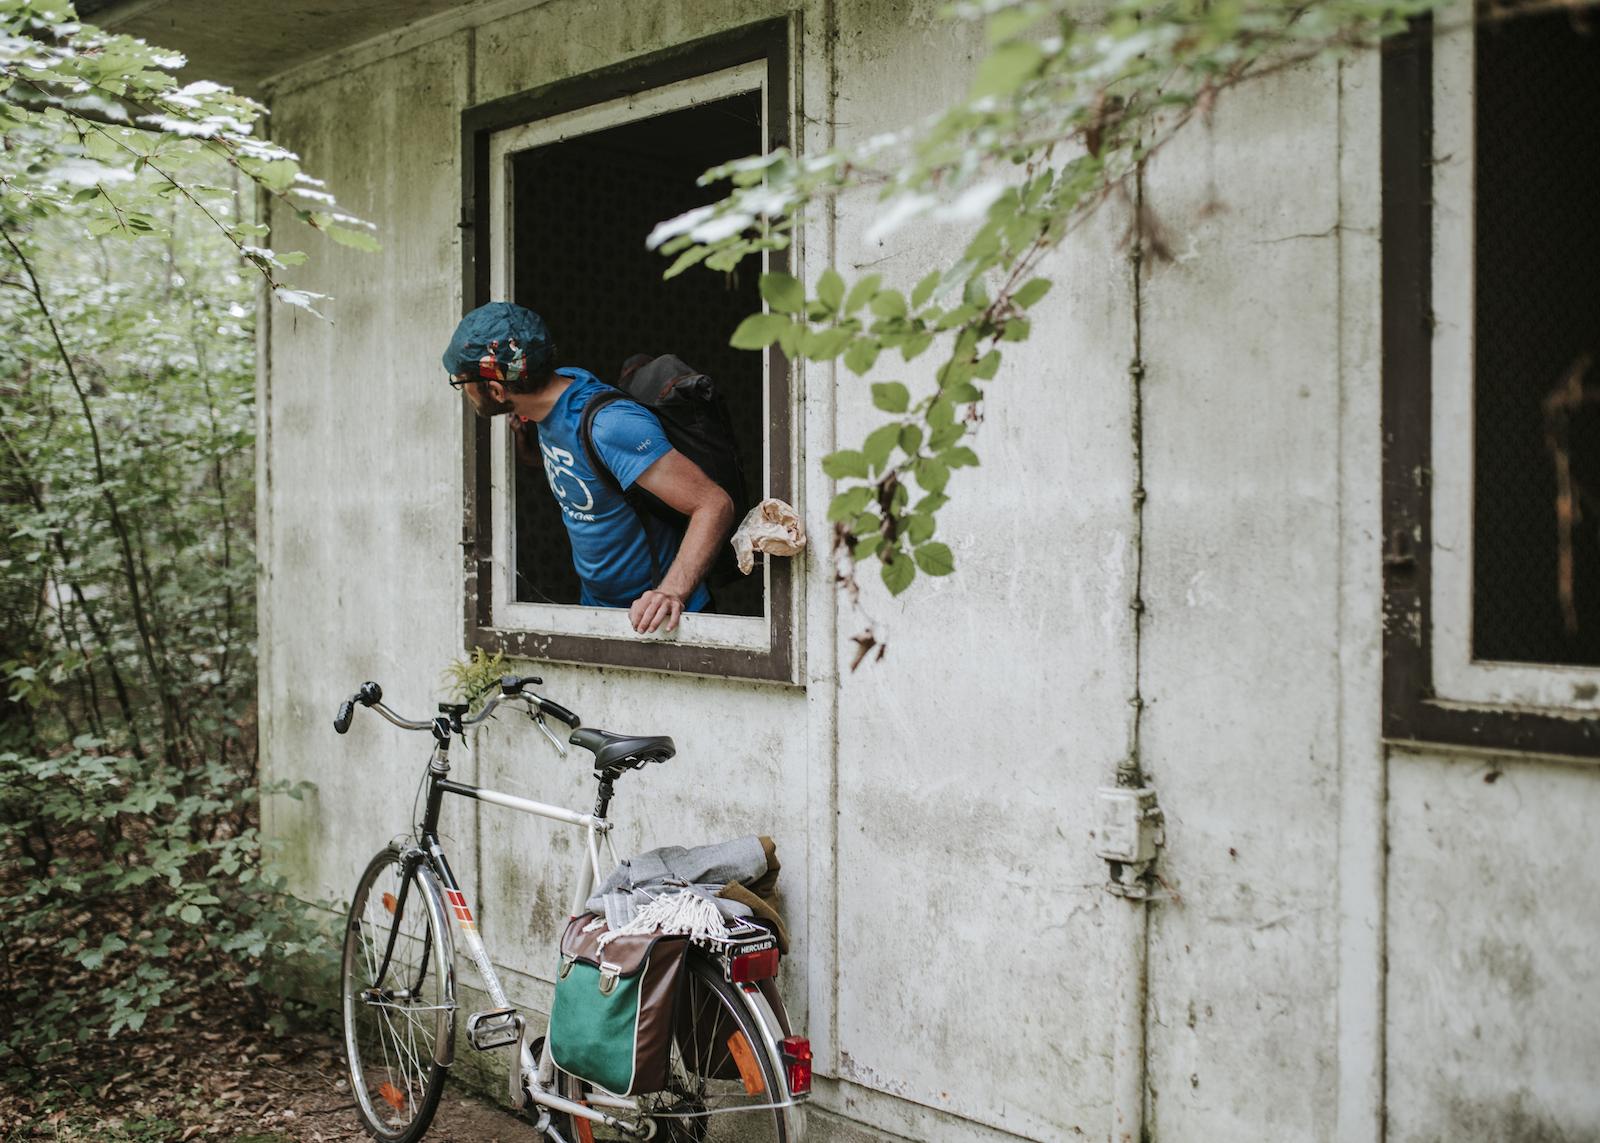 wecyclebrandenburg_(c)Madlen_Krippendorf_himmelpfort13.jpg